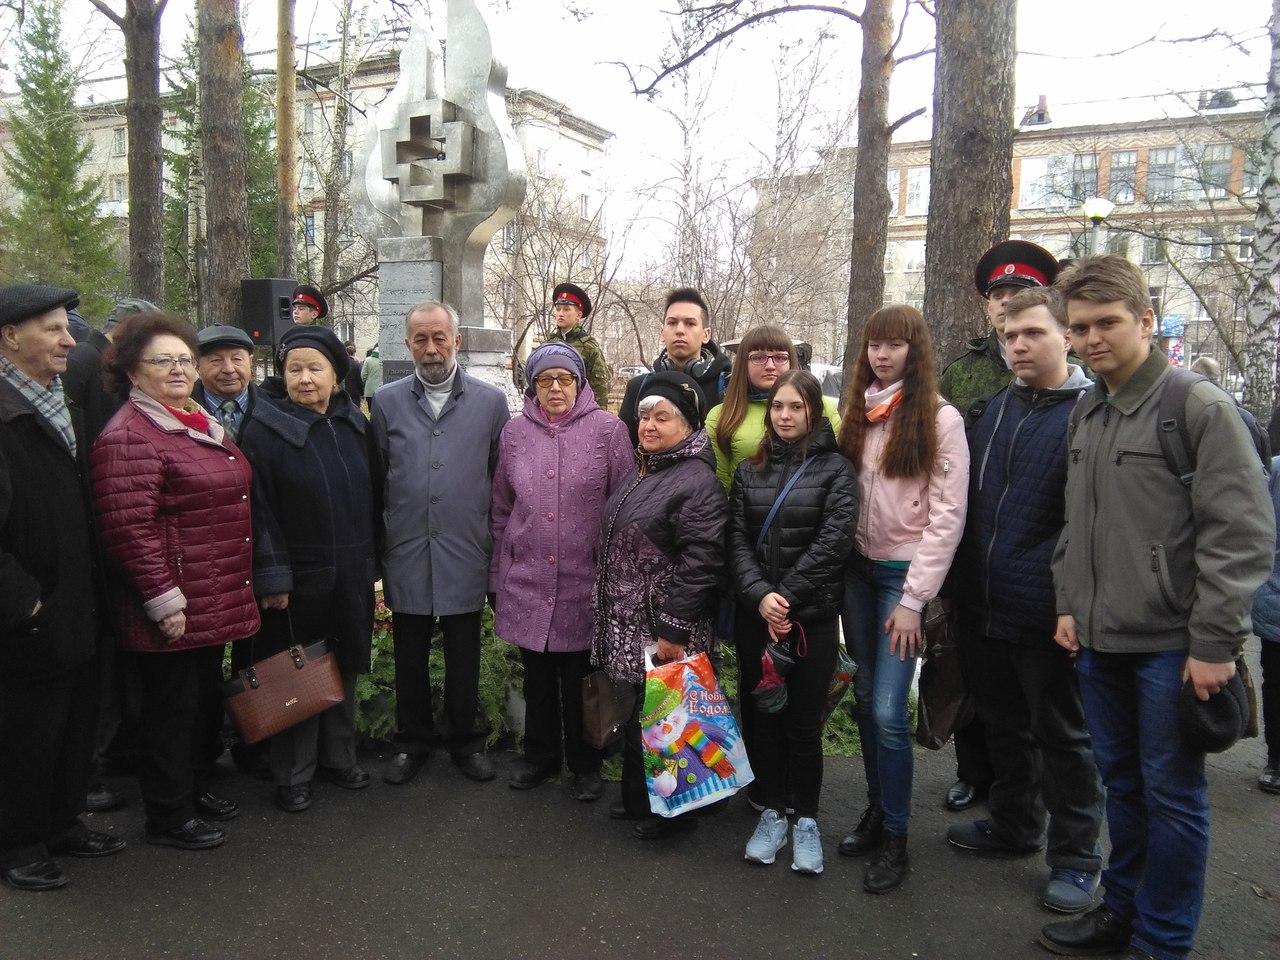 Студенты приняли участие в митинге, состоявшемся в память о подвиге ликвидаторов чернобыльской аварии